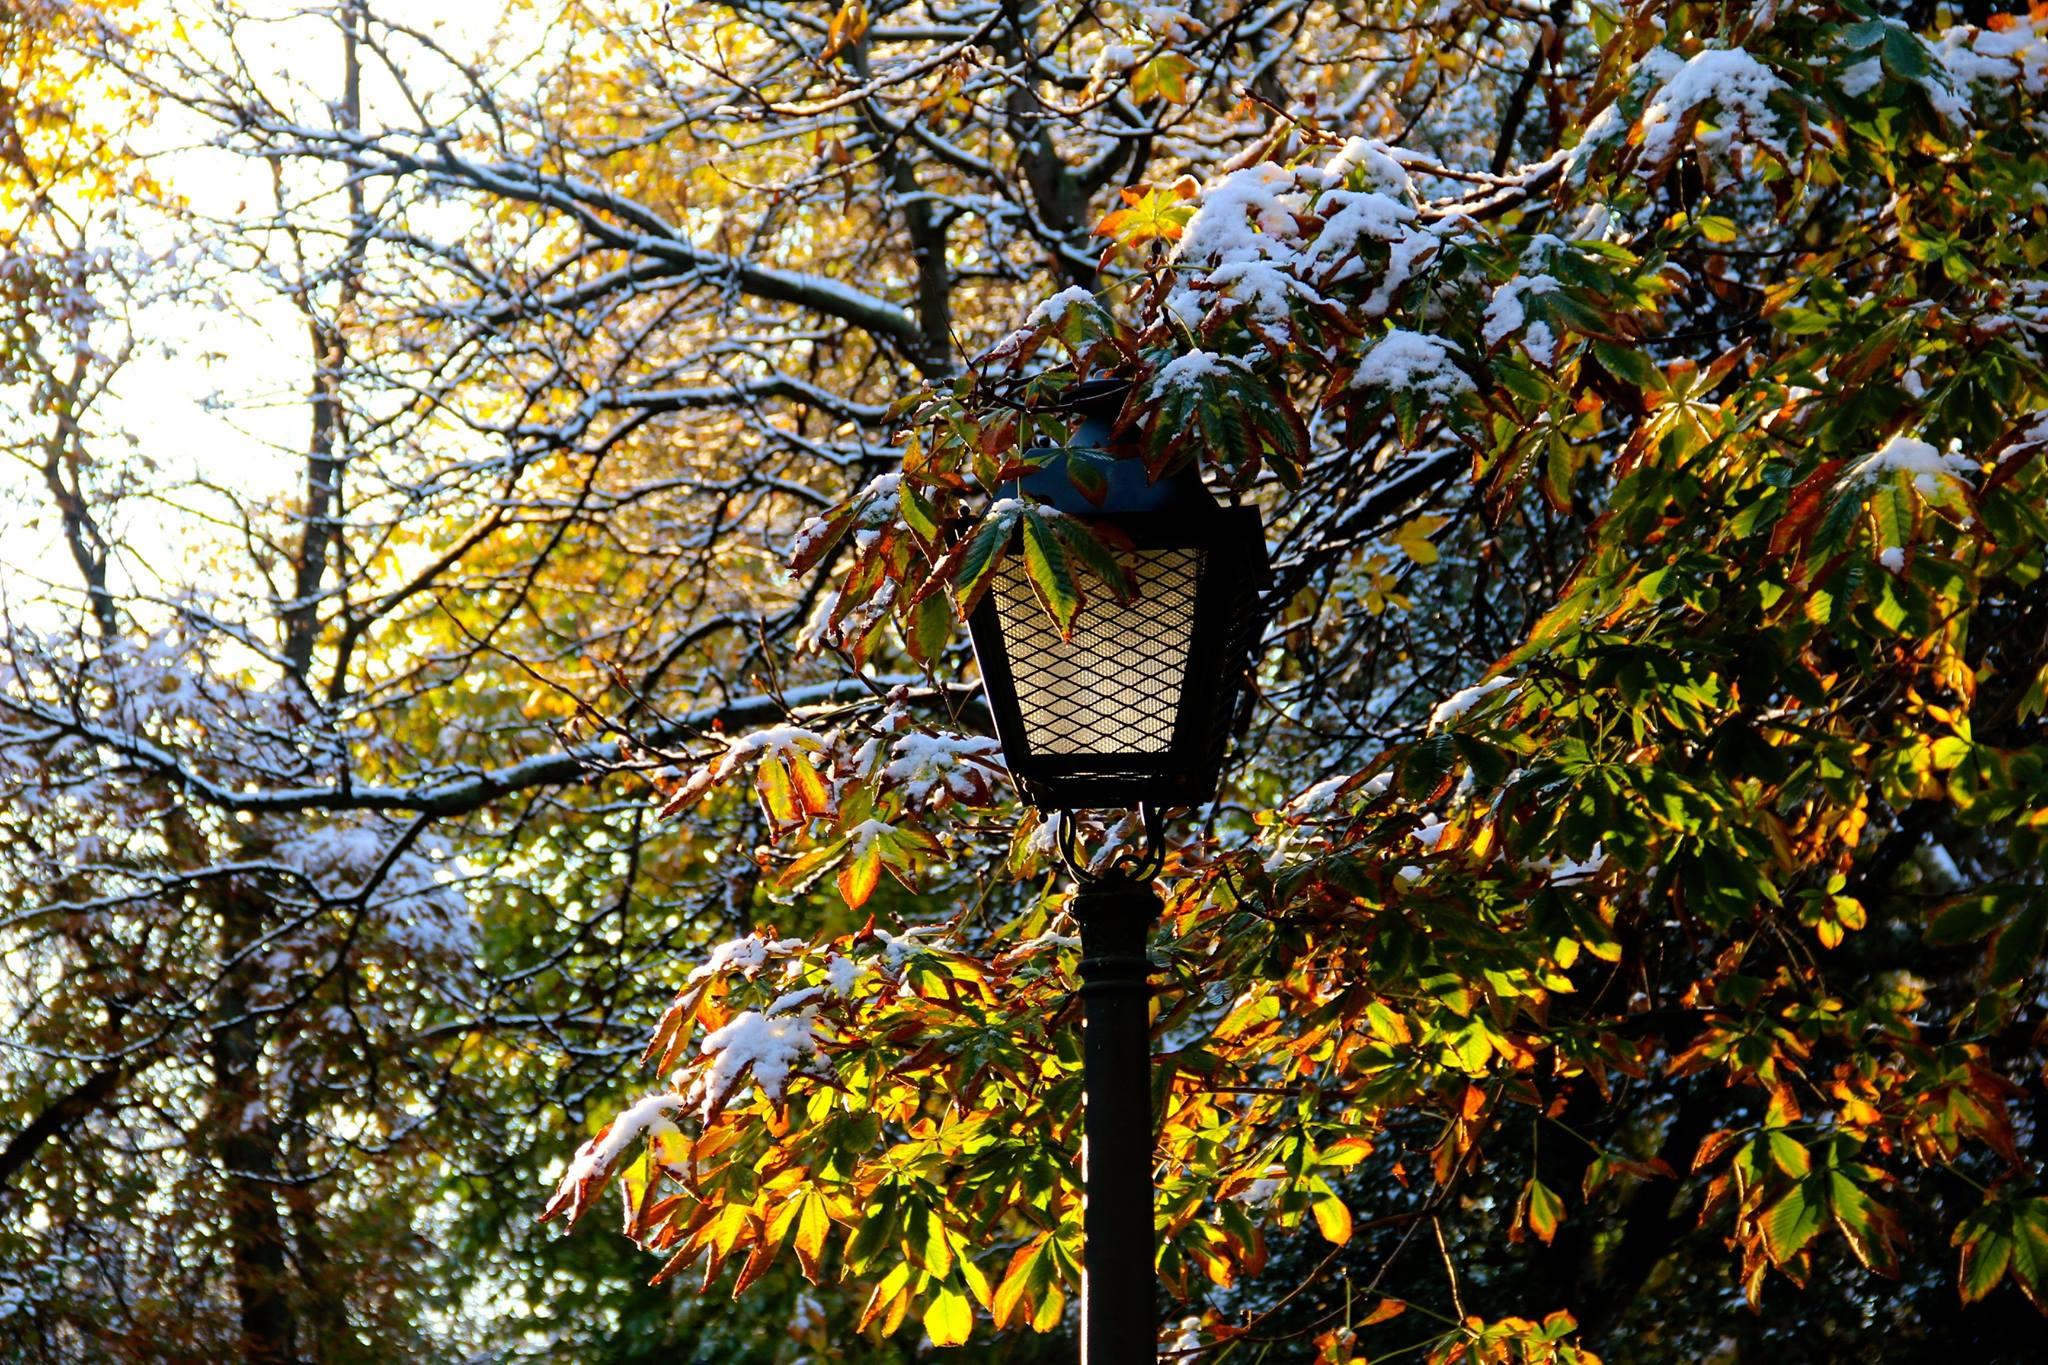 Estampa invernal. Autor, Sabersabor.es